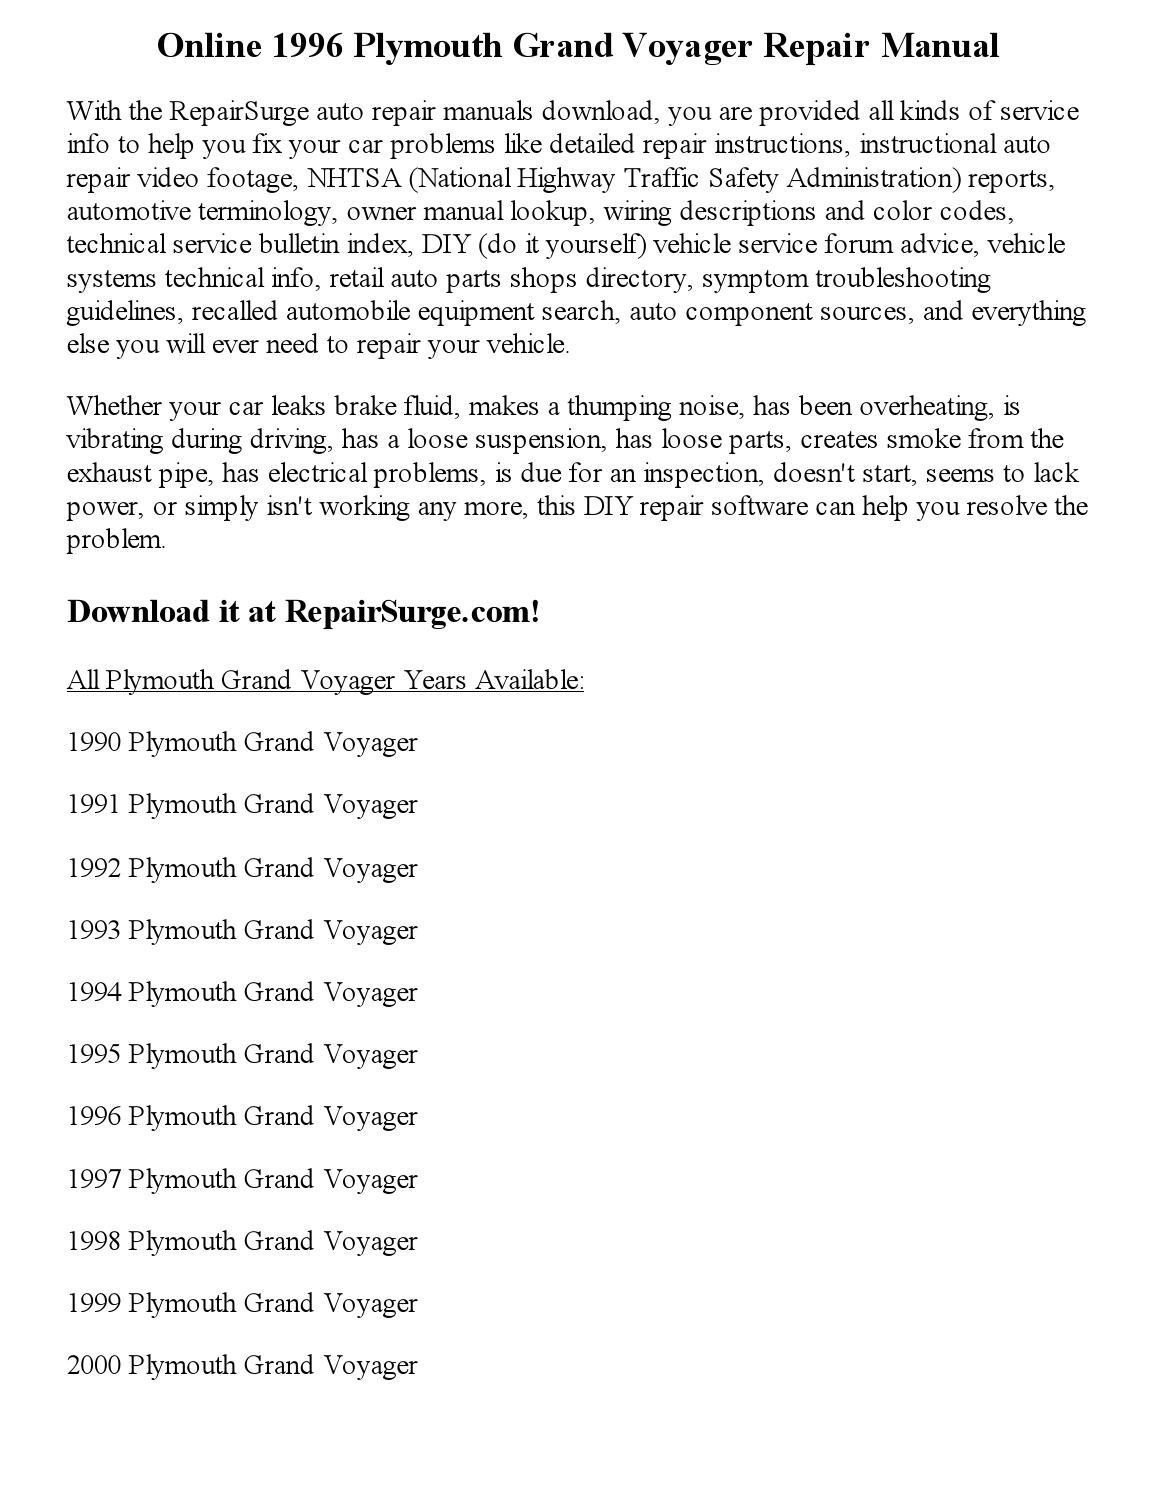 1996 Plymouth Grand Voyager Repair Manual Online by georgeblinkey - issuu